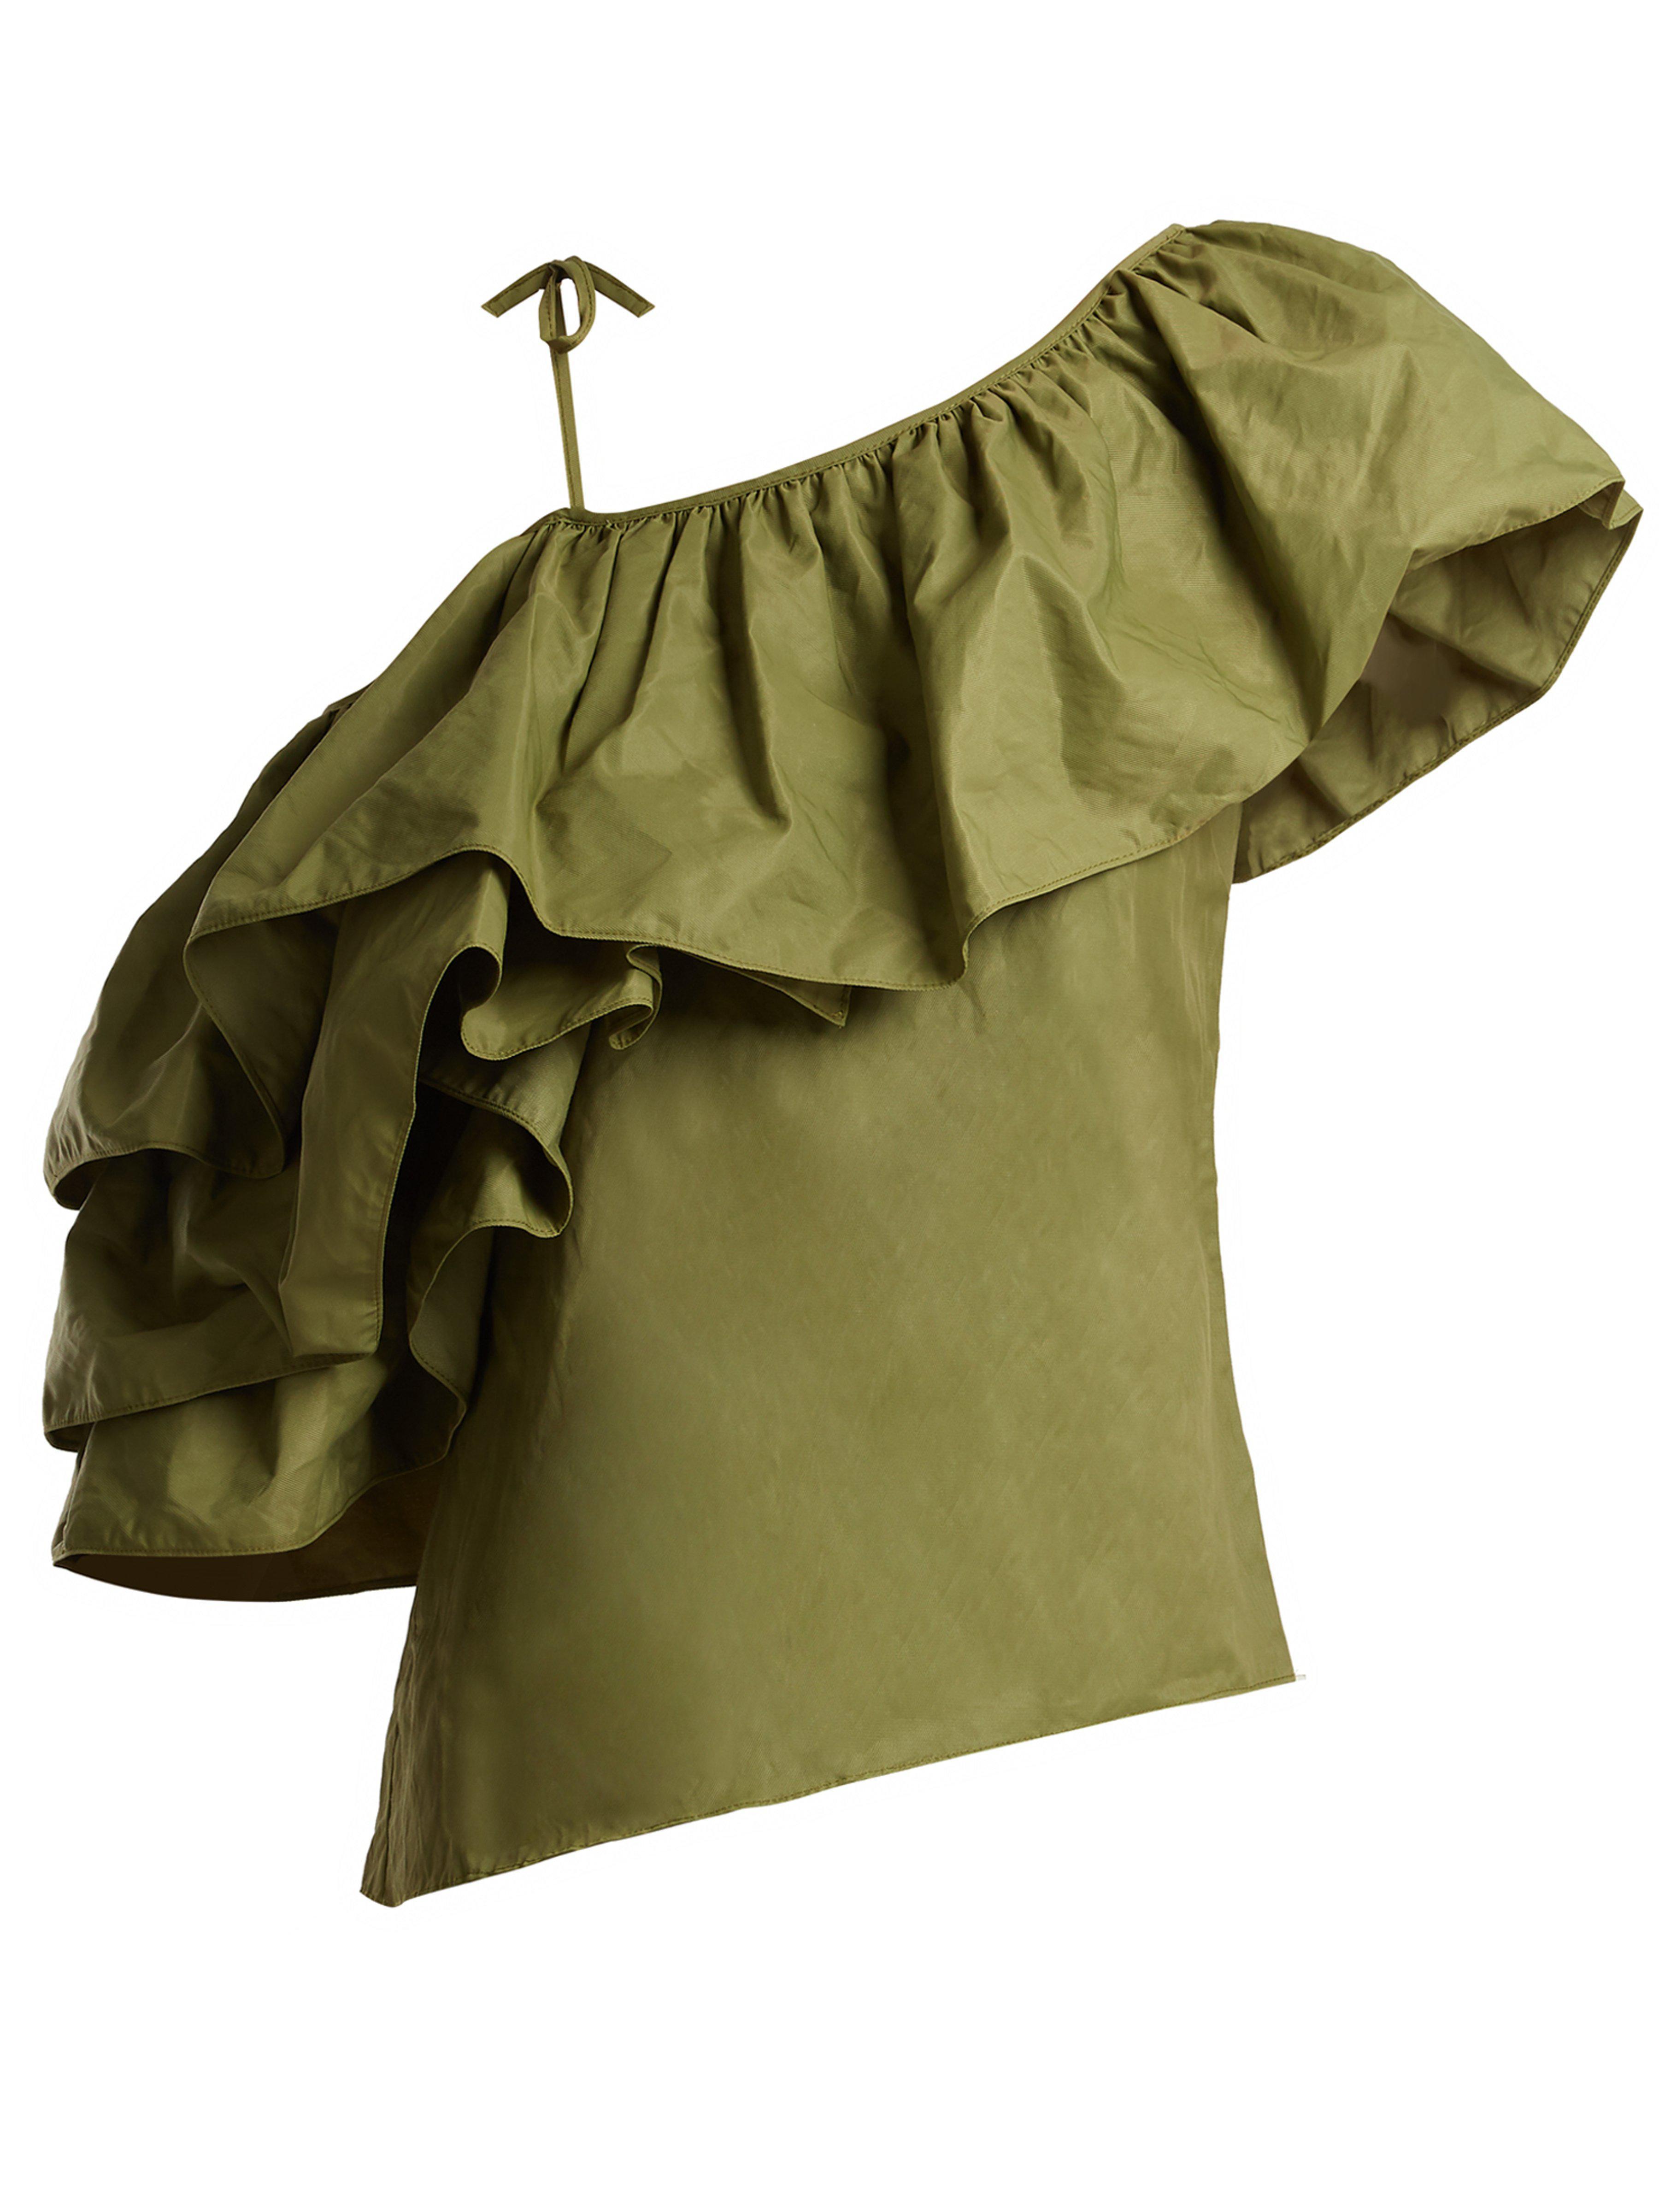 006923551feb81 Marques Almeida One Shoulder Taffeta Top in Green - Lyst